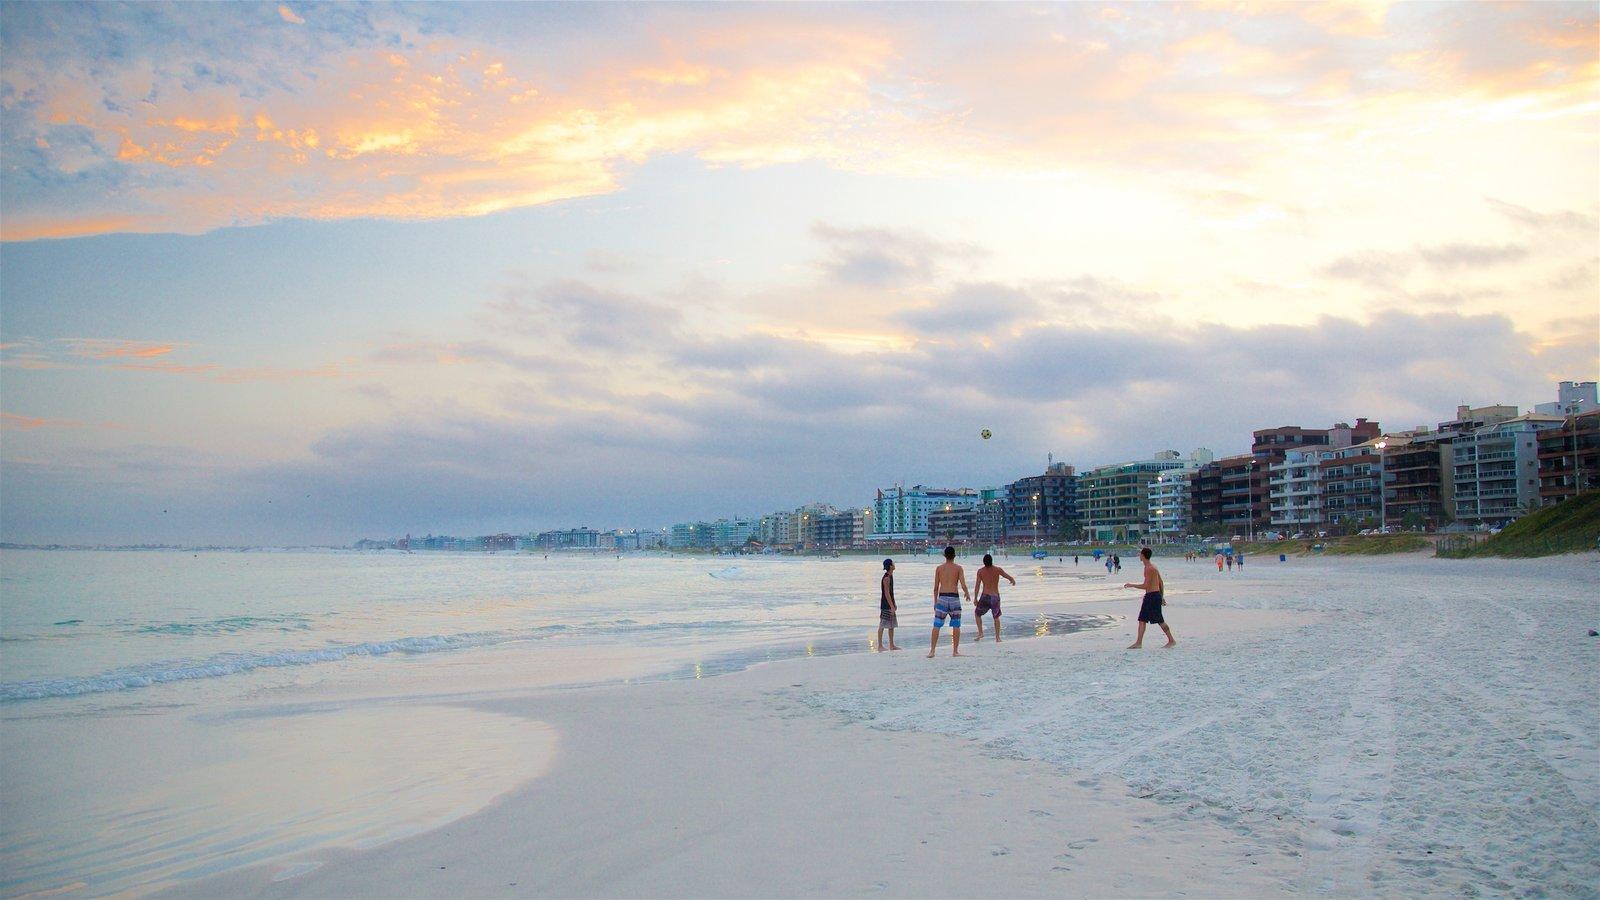 Praia do Forte caracterizando uma cidade litorânea, um pôr do sol e uma praia de areia